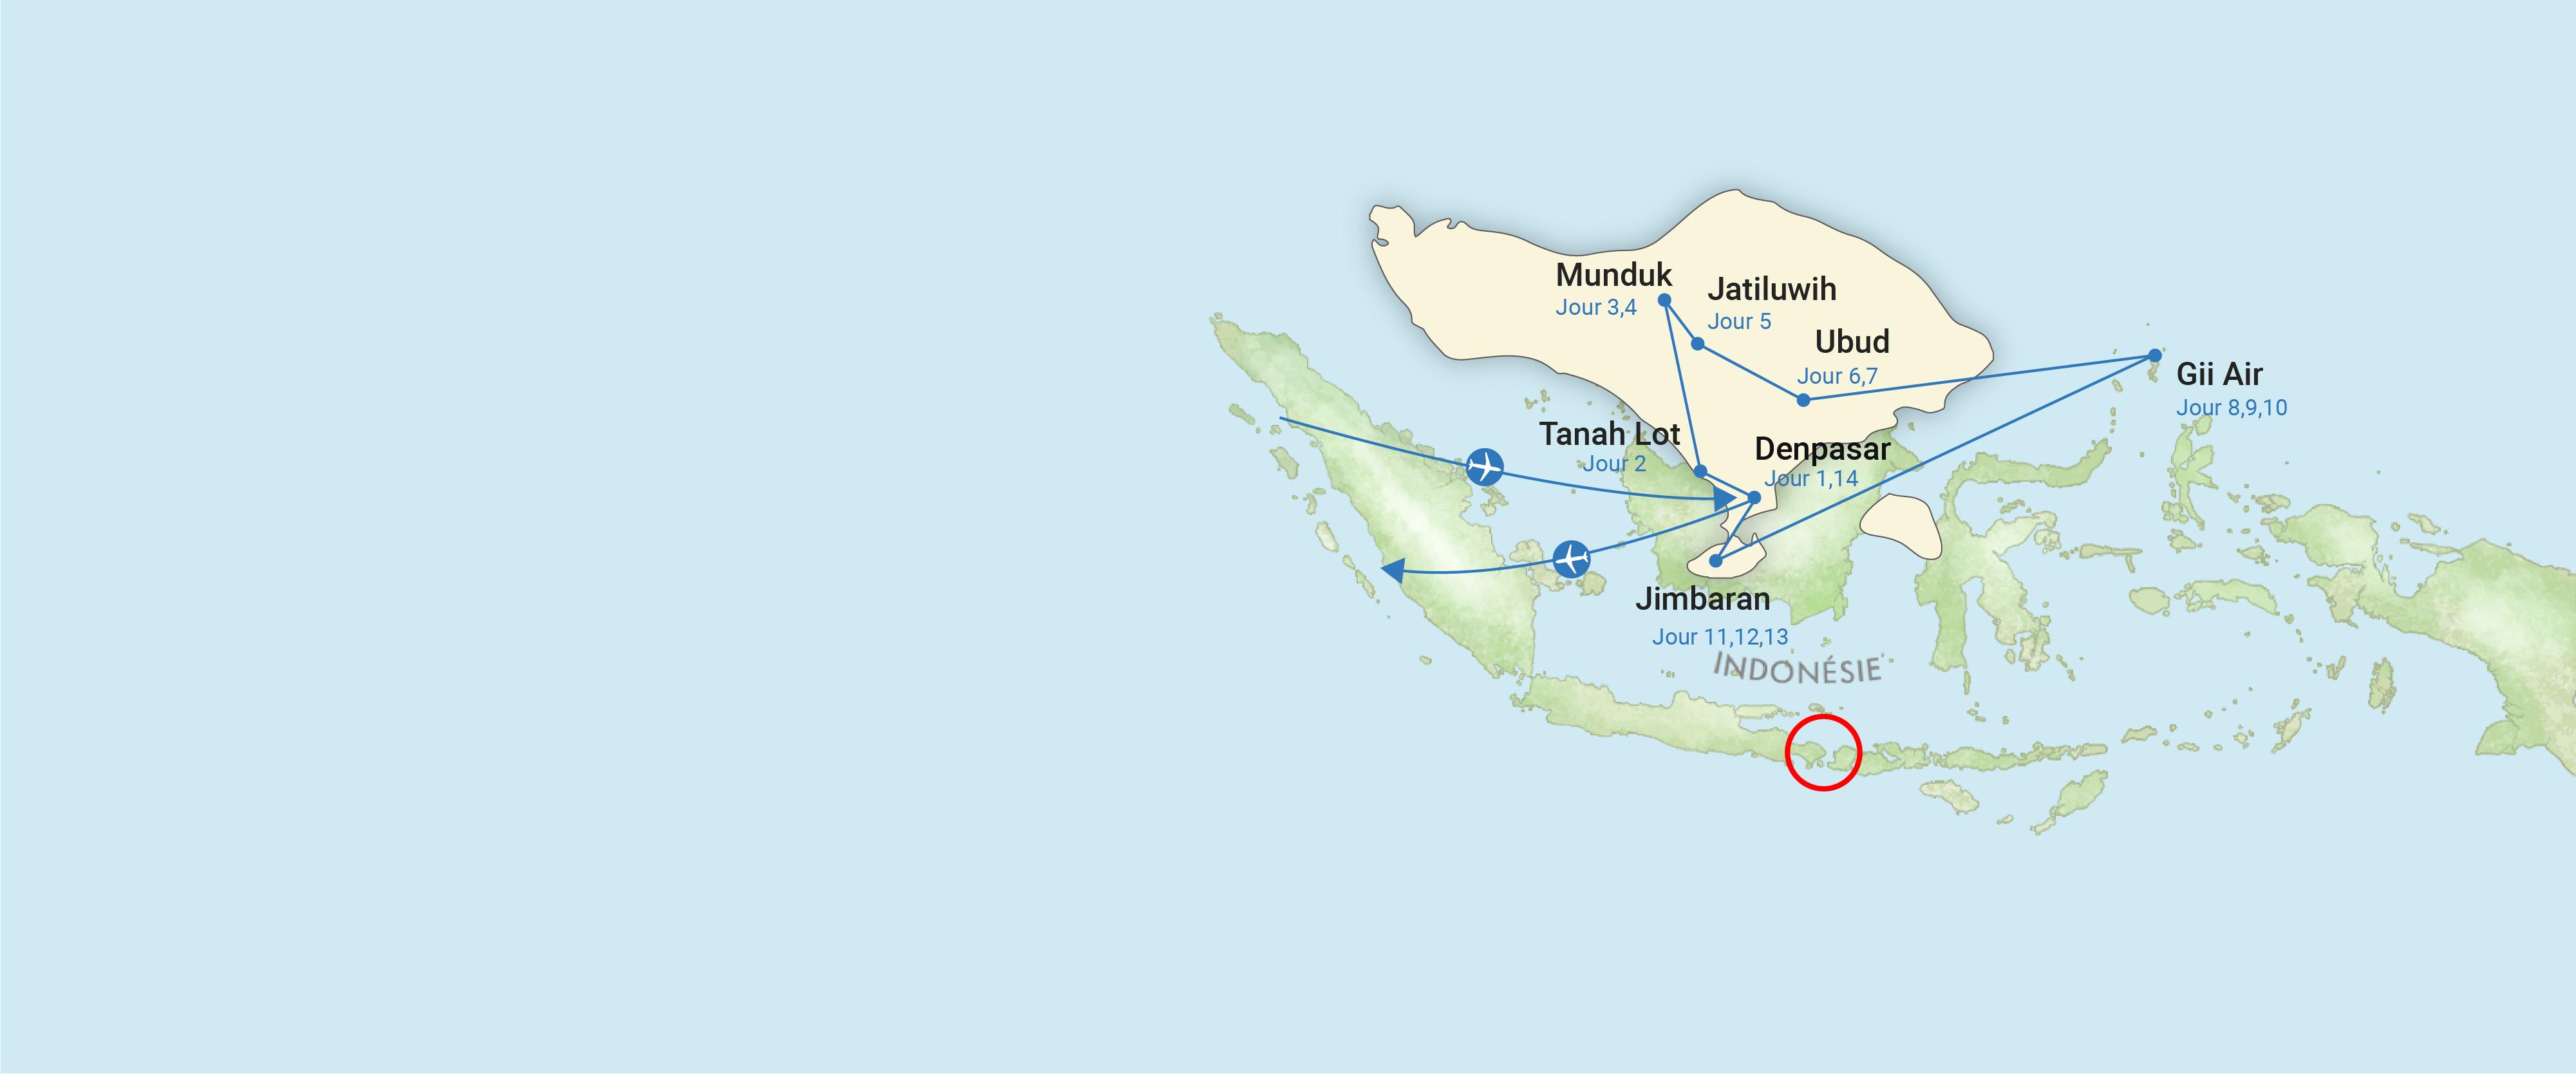 indonesie, carte, voyage, asiatica travel, plage, bali, famille